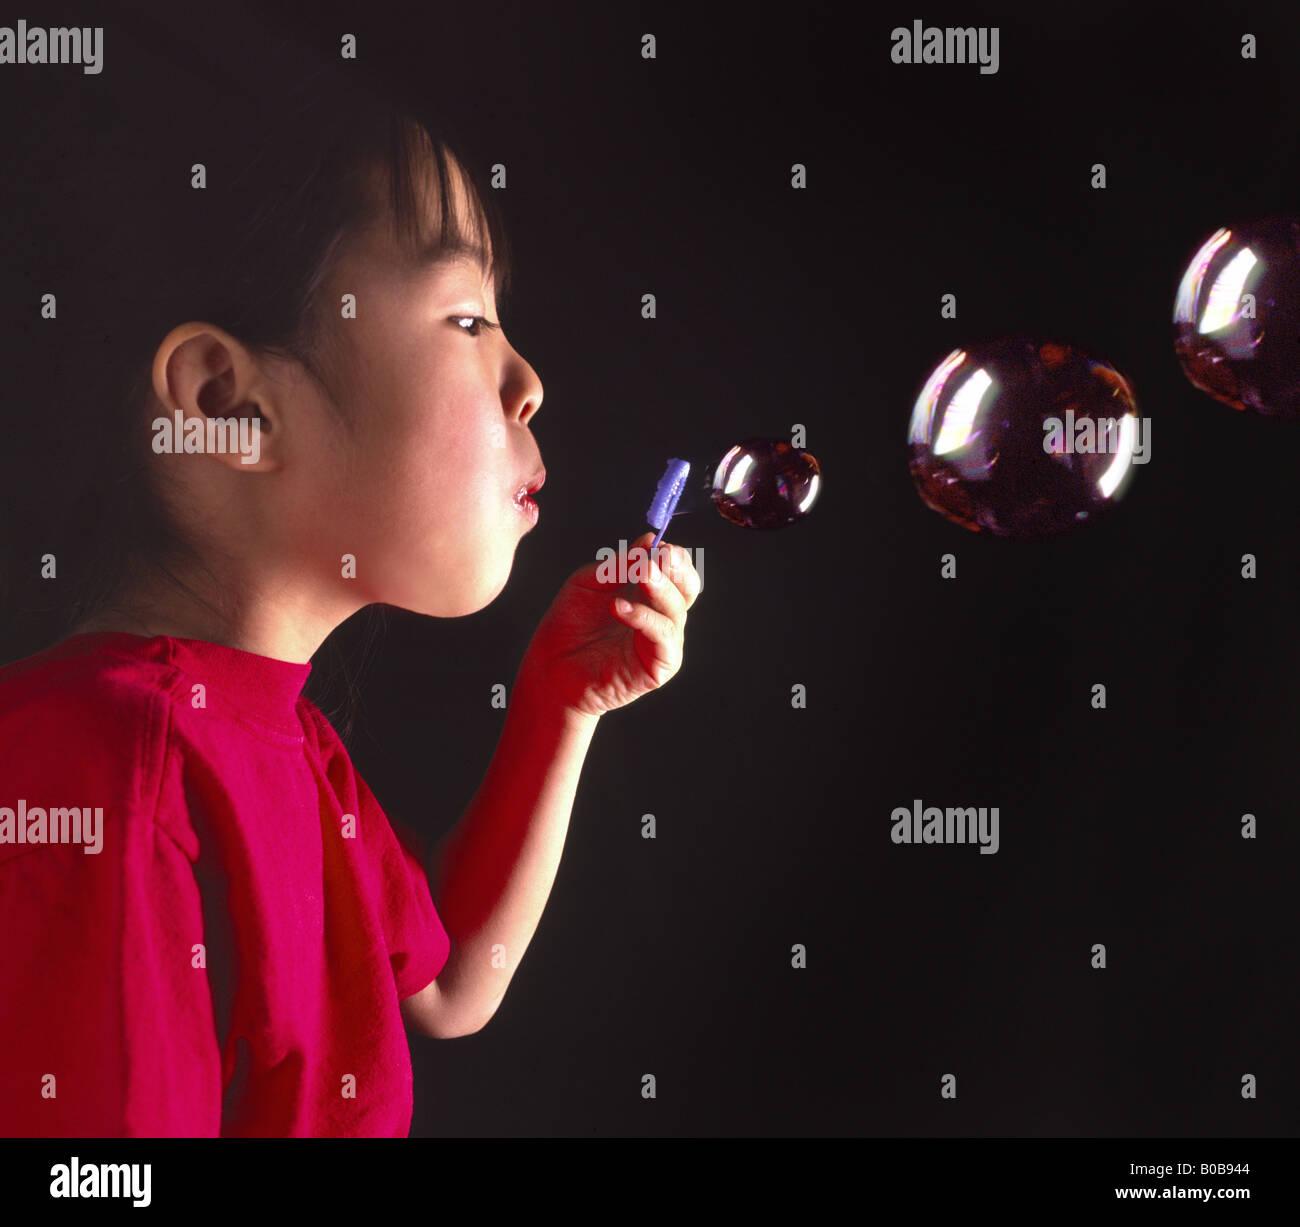 Chica jóven oriental soplando burbujas Imagen De Stock